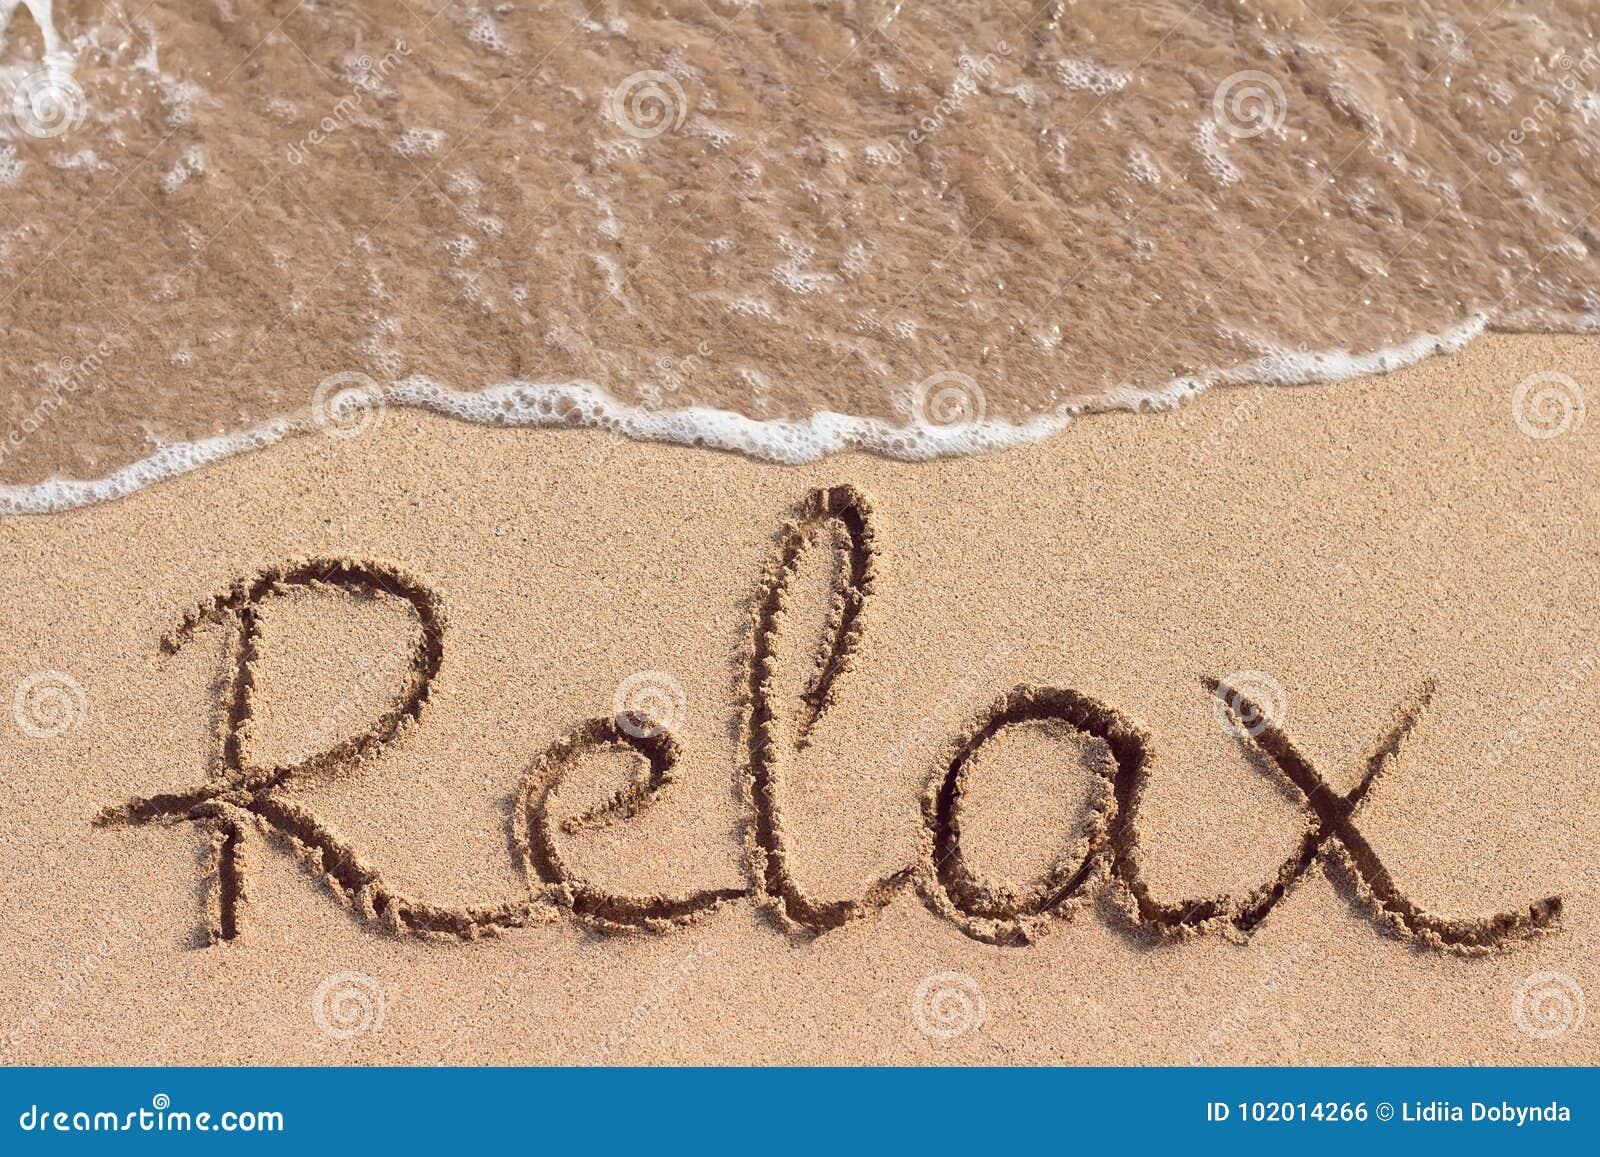 Wort Relax ist die Hand, die auf den Strand geschrieben wird